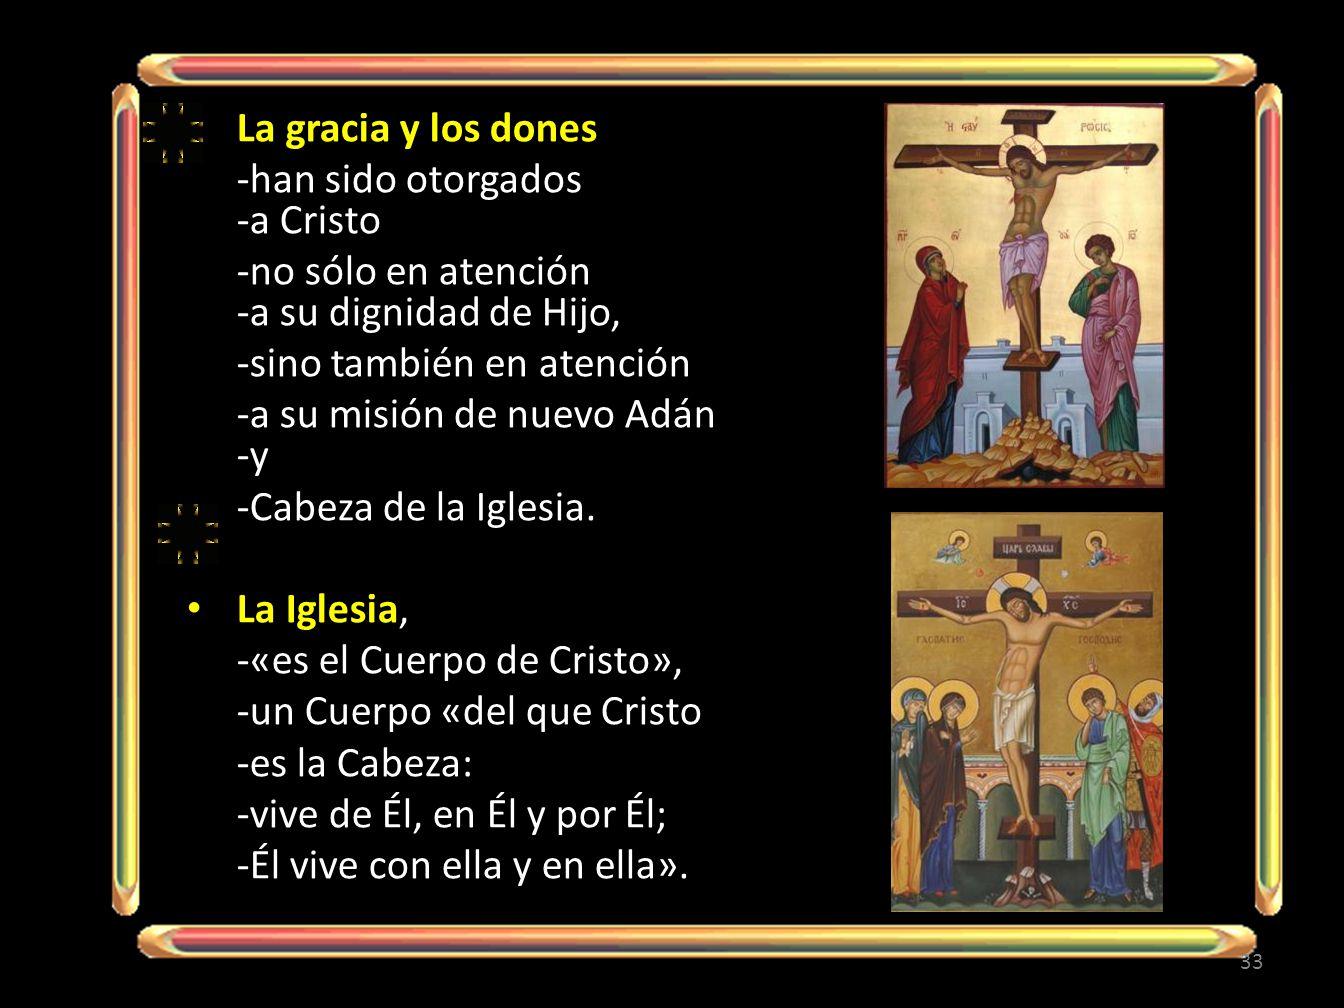 La gracia y los dones -han sido otorgados -a Cristo -no sólo en atención -a su dignidad de Hijo, -sino también en atención -a su misión de nuevo Adán -y -Cabeza de la Iglesia.